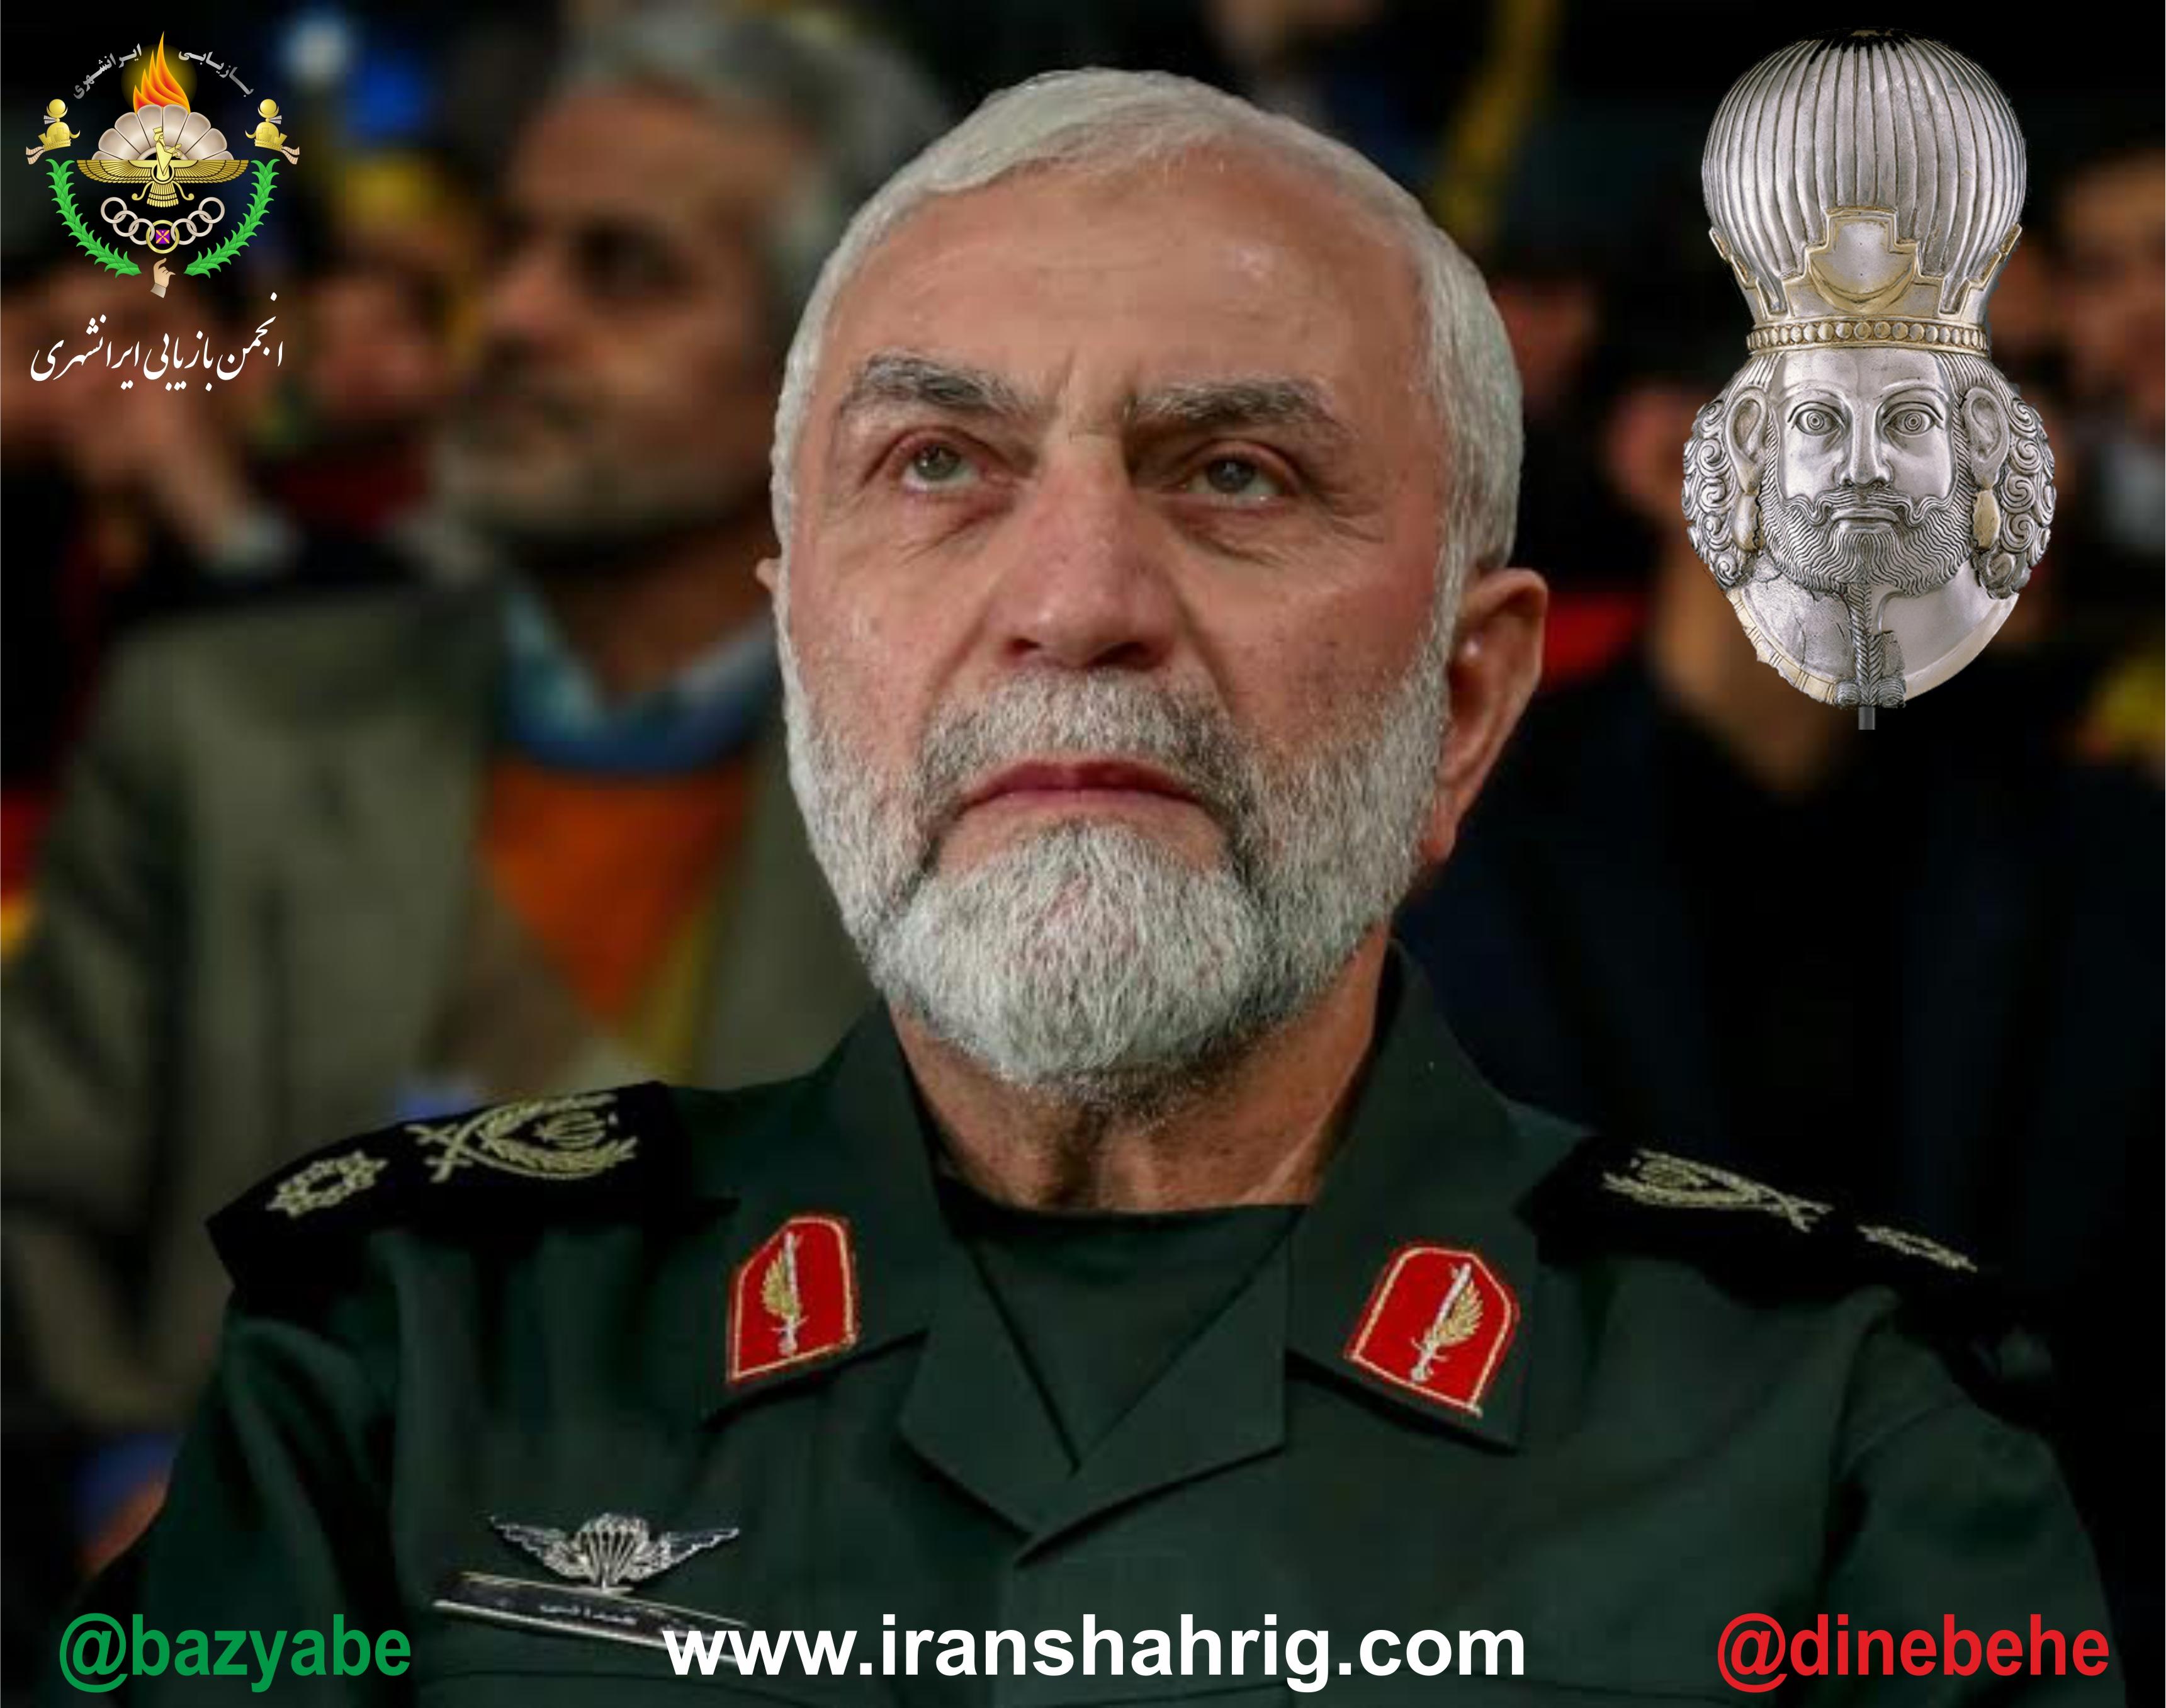 نبرد ایرانیان در حلب، از خسرو انوشیروان تا حسین همدانی / کیخسرو آرش گرگین